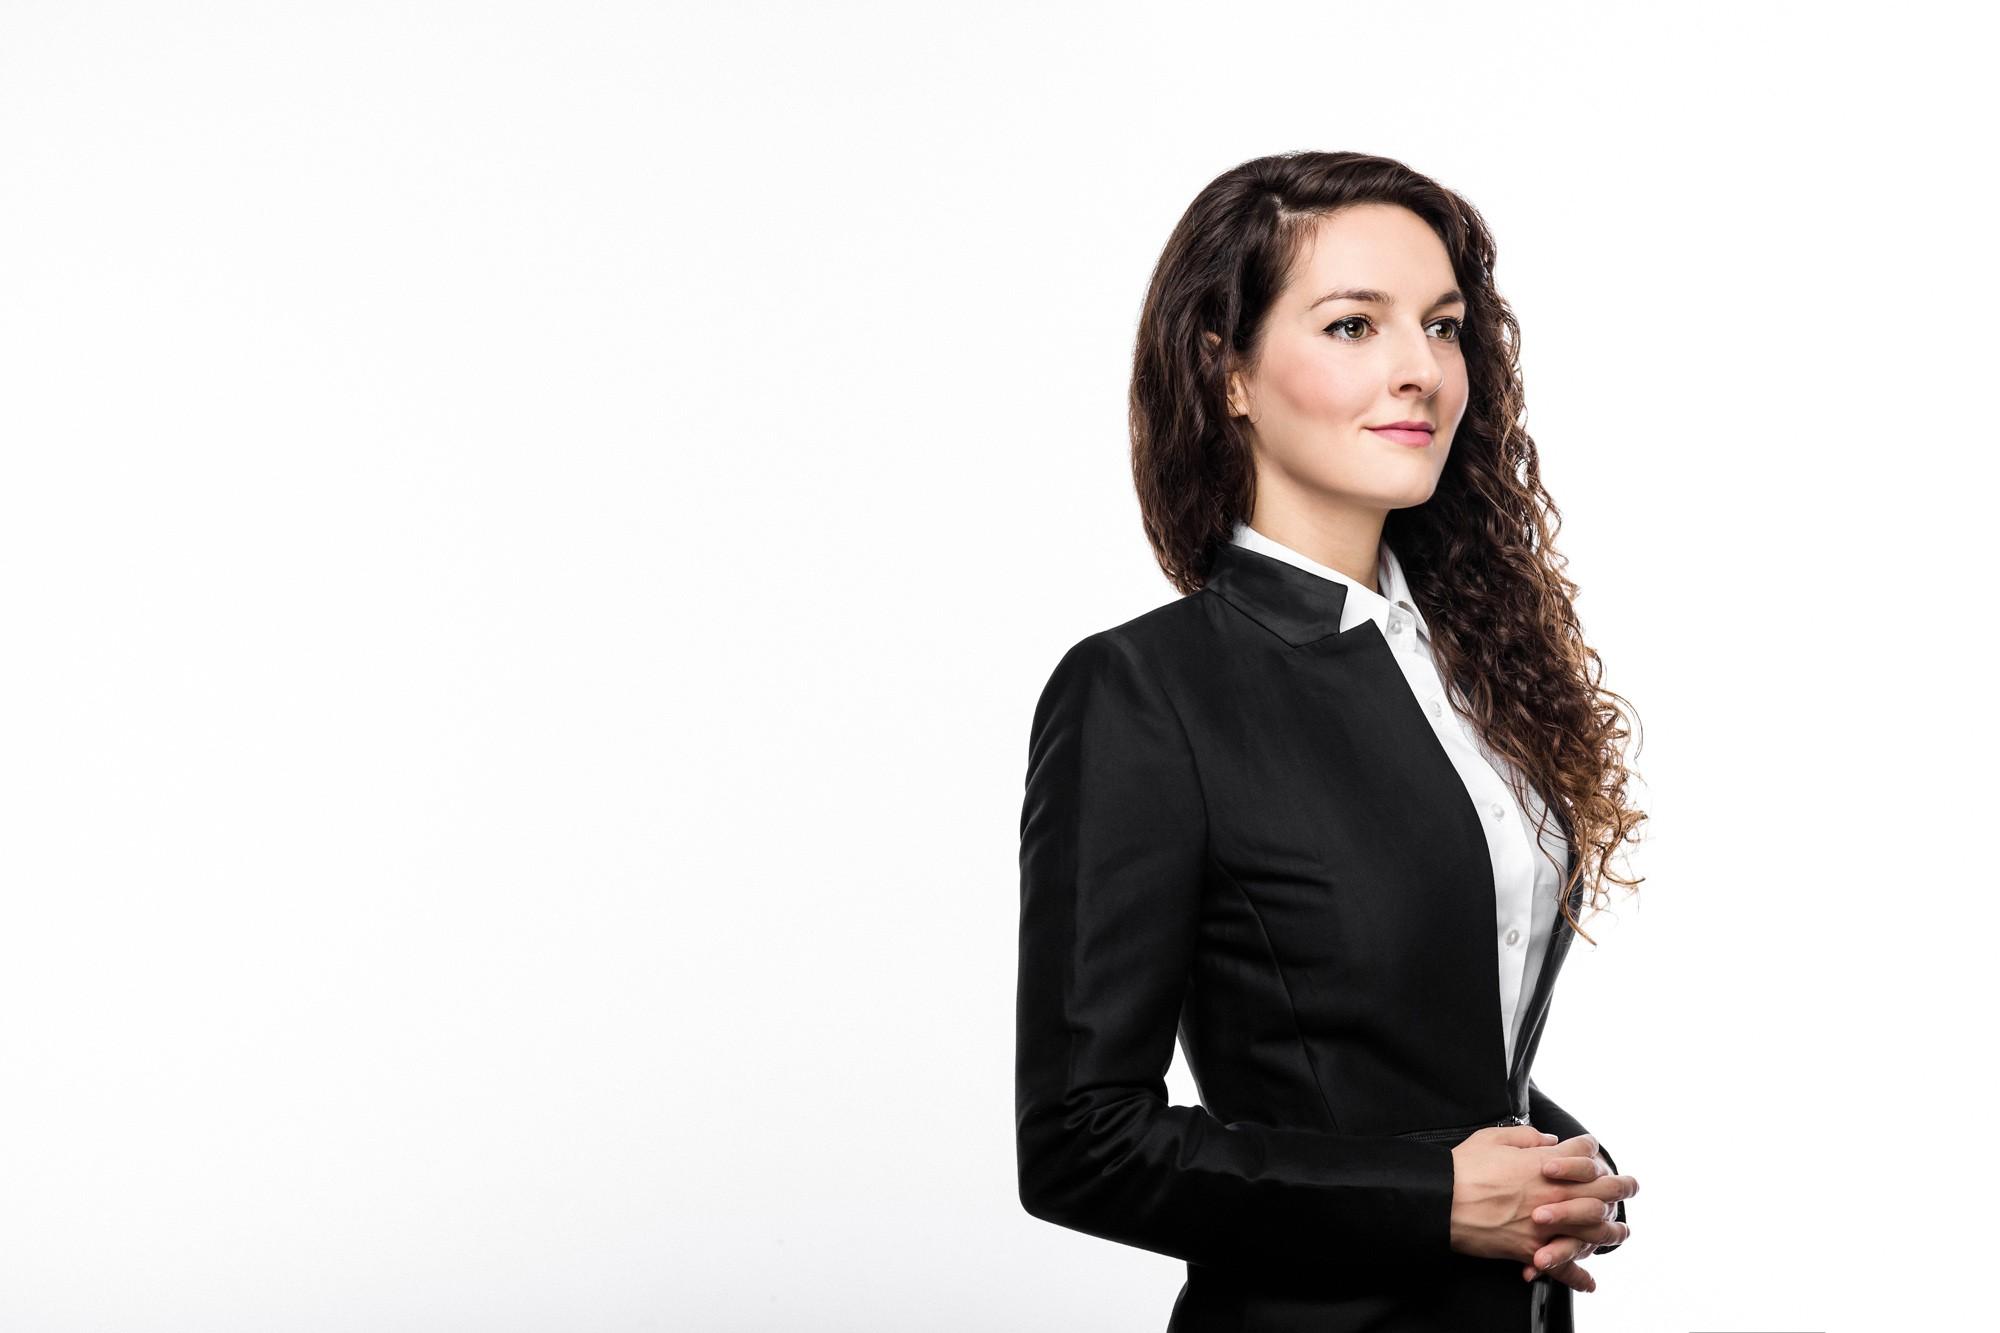 Φωτογράφιση πορτραίτου για linked in | Χριστίνα Λεκάτη - Social Engineering Security Specialist